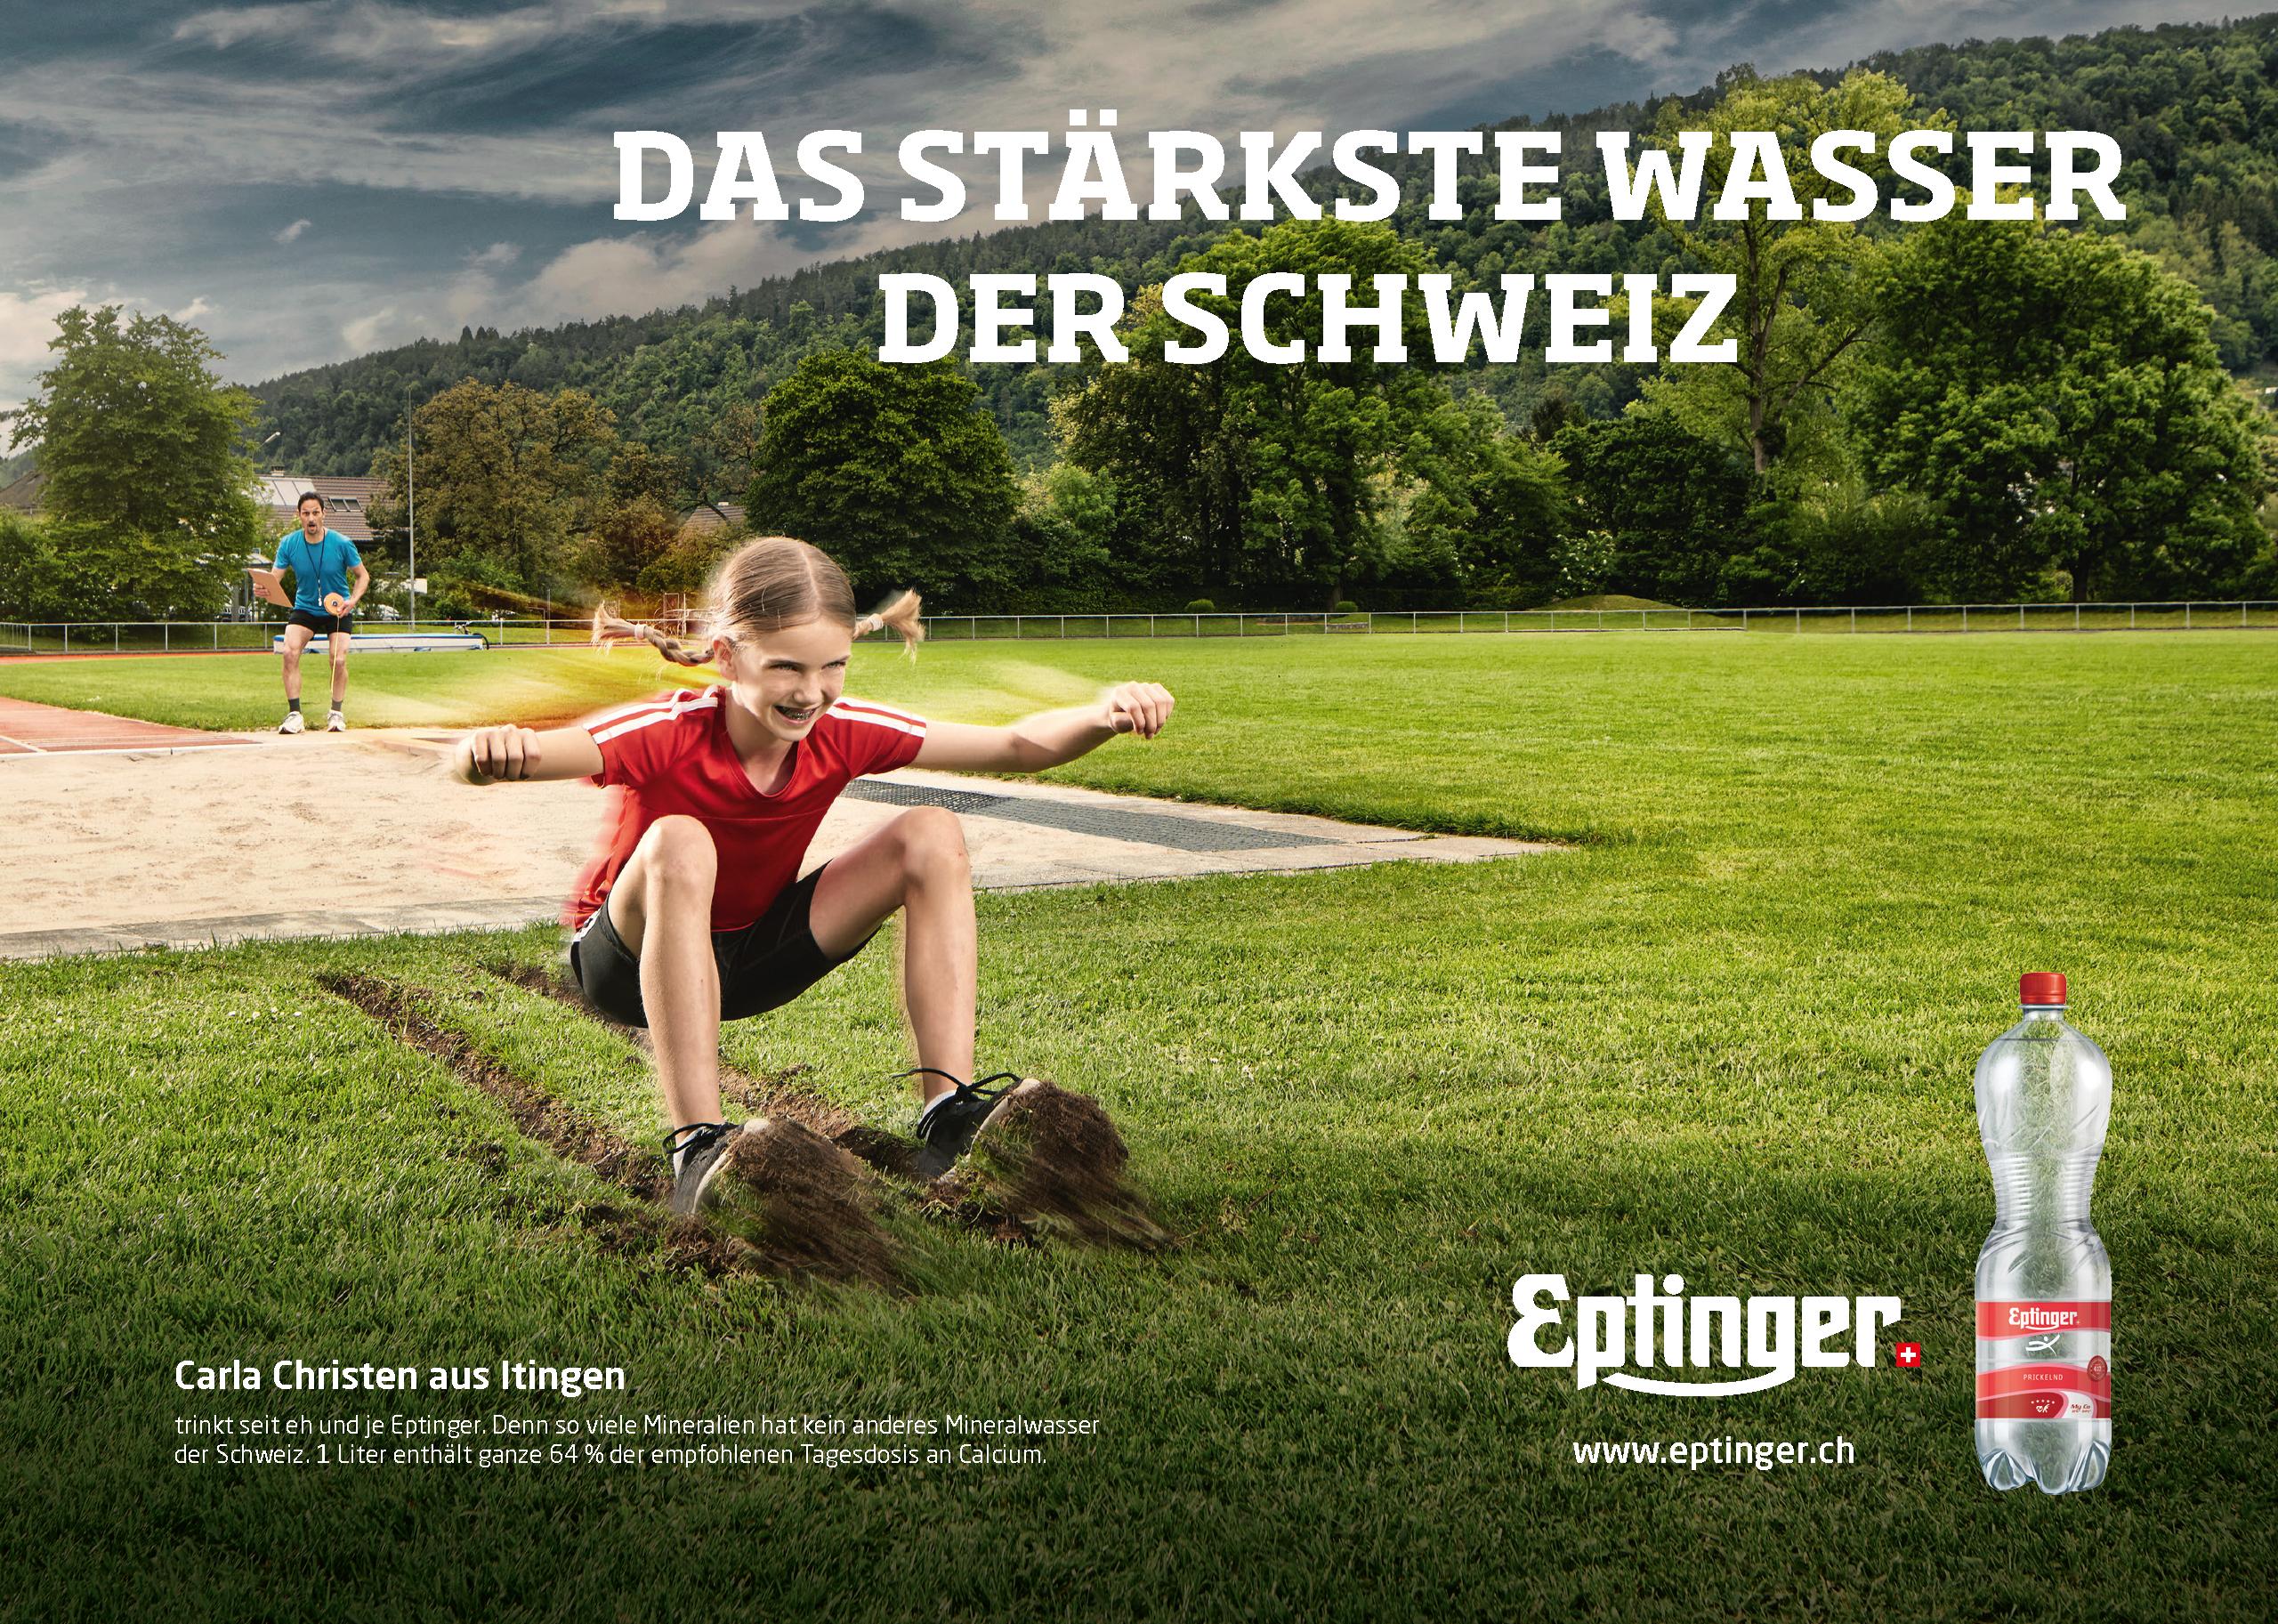 Eptinger Mineralwasser Werbung Weitsprung (2017)